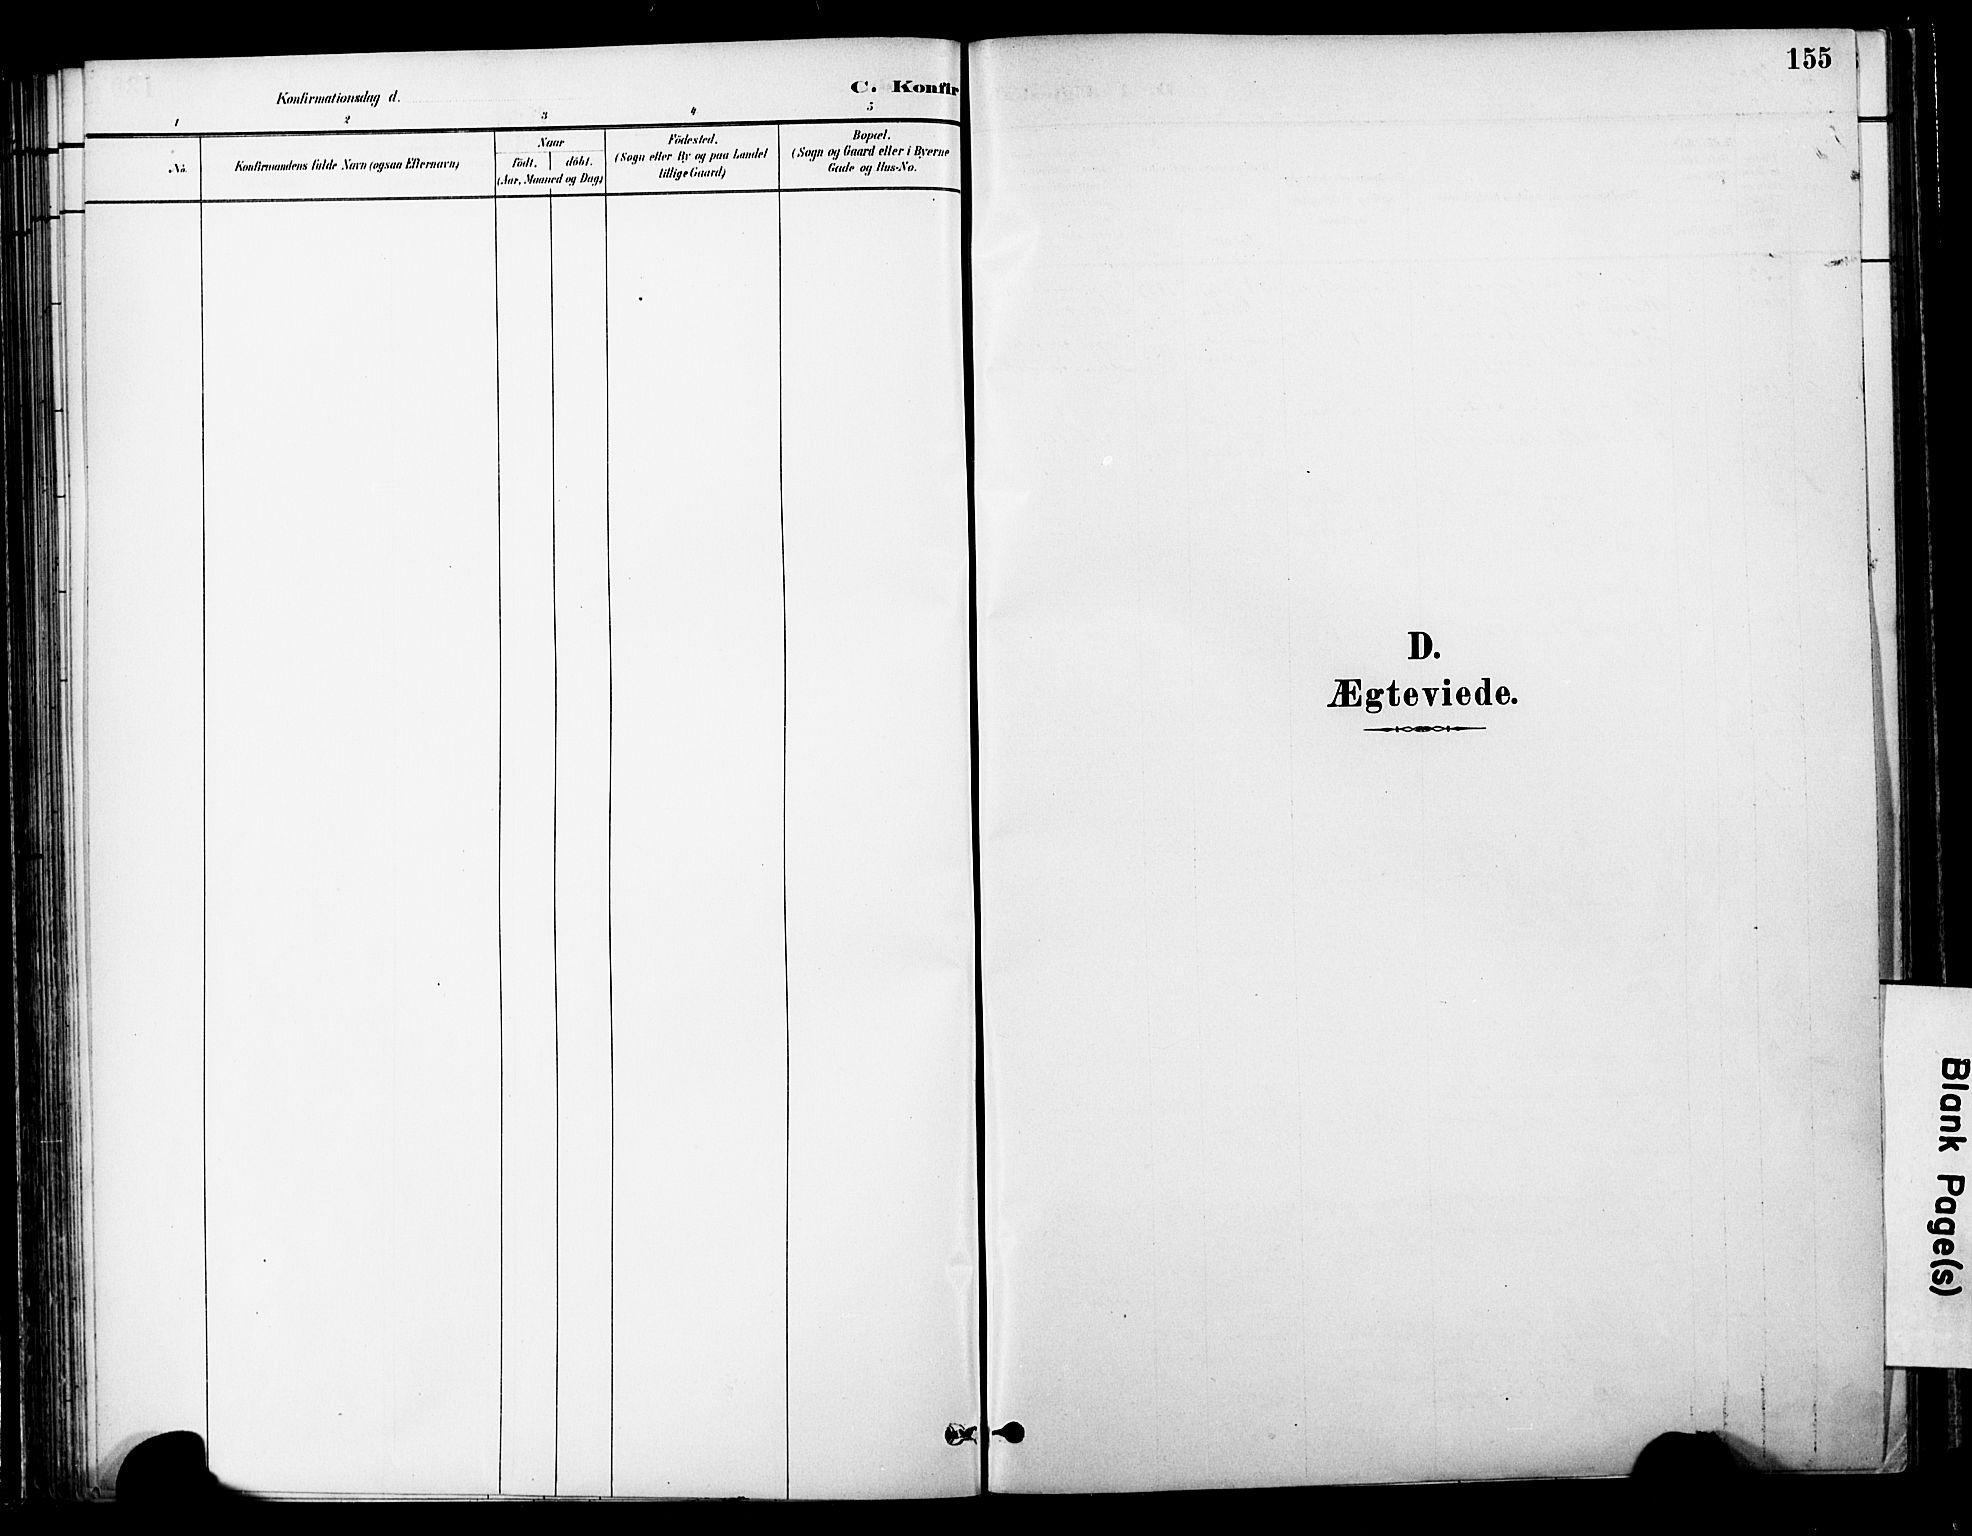 SAT, Ministerialprotokoller, klokkerbøker og fødselsregistre - Nord-Trøndelag, 755/L0494: Ministerialbok nr. 755A03, 1882-1902, s. 155